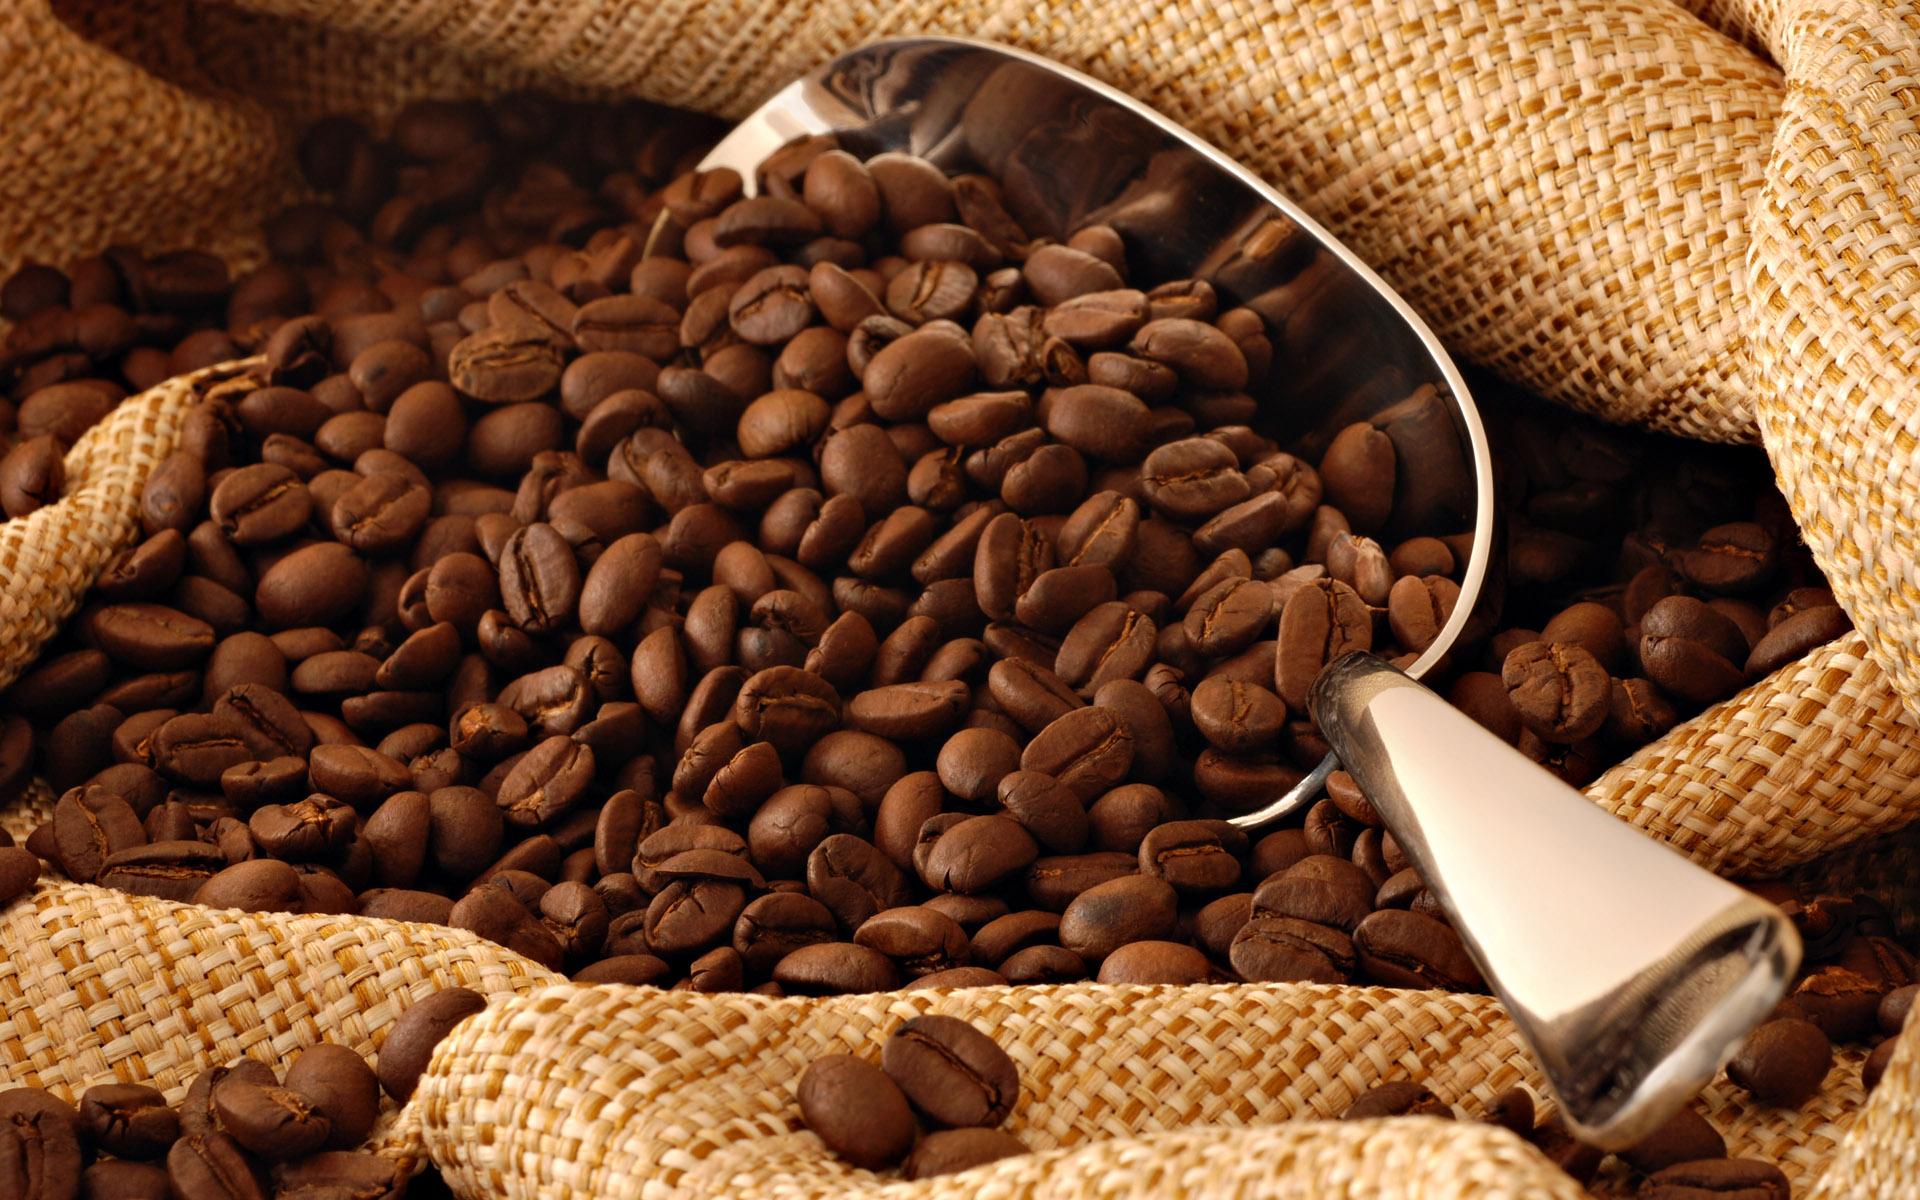 Kopi Luwak Coffee - Kopi Luwak Direct